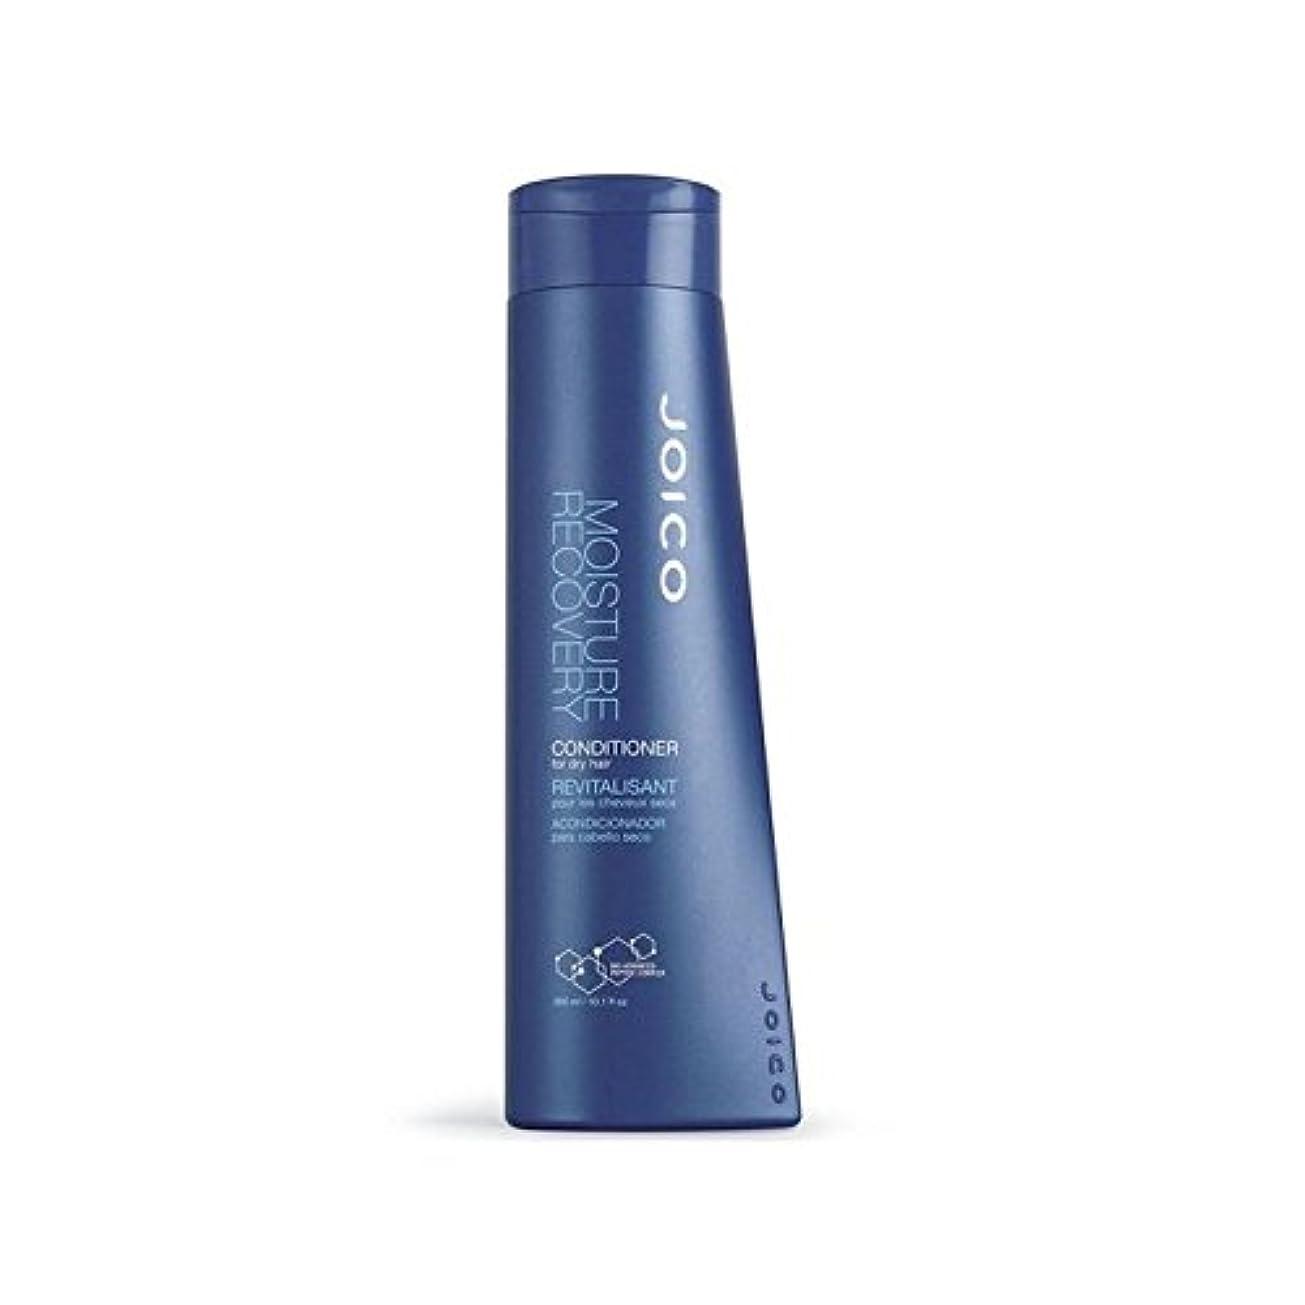 エントリ拘束する呼び出すJoico Moisture Recovery Conditioner 300ml (Pack of 6) - ジョイコ水分回復コンディショナー300ミリリットル x6 [並行輸入品]